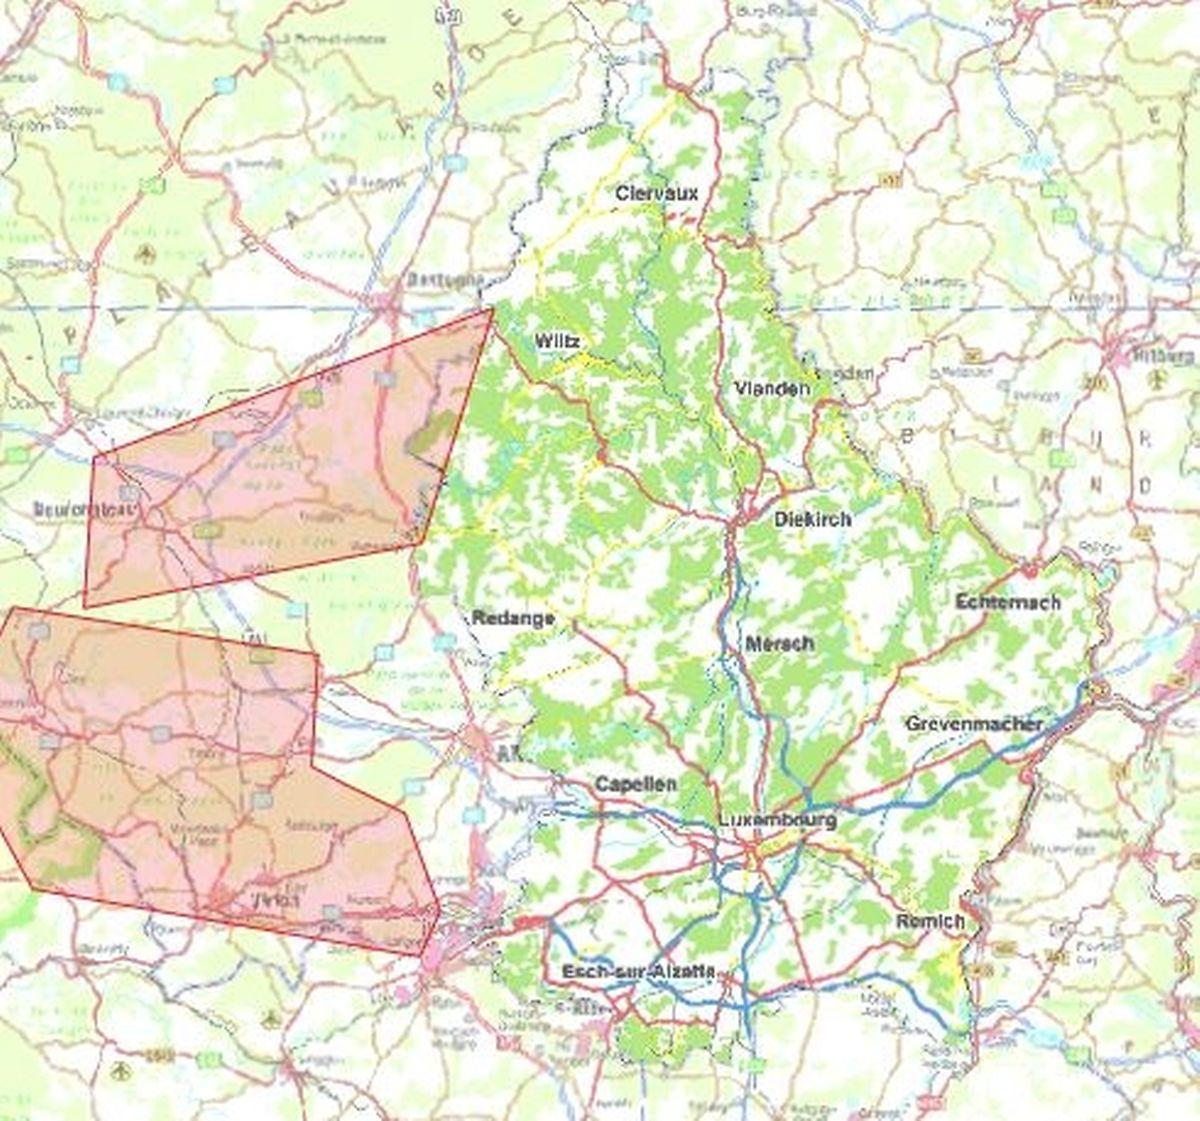 Les deux zones retenues par les autorités belges qui préoccupent le Luxembourg au plus haut point.